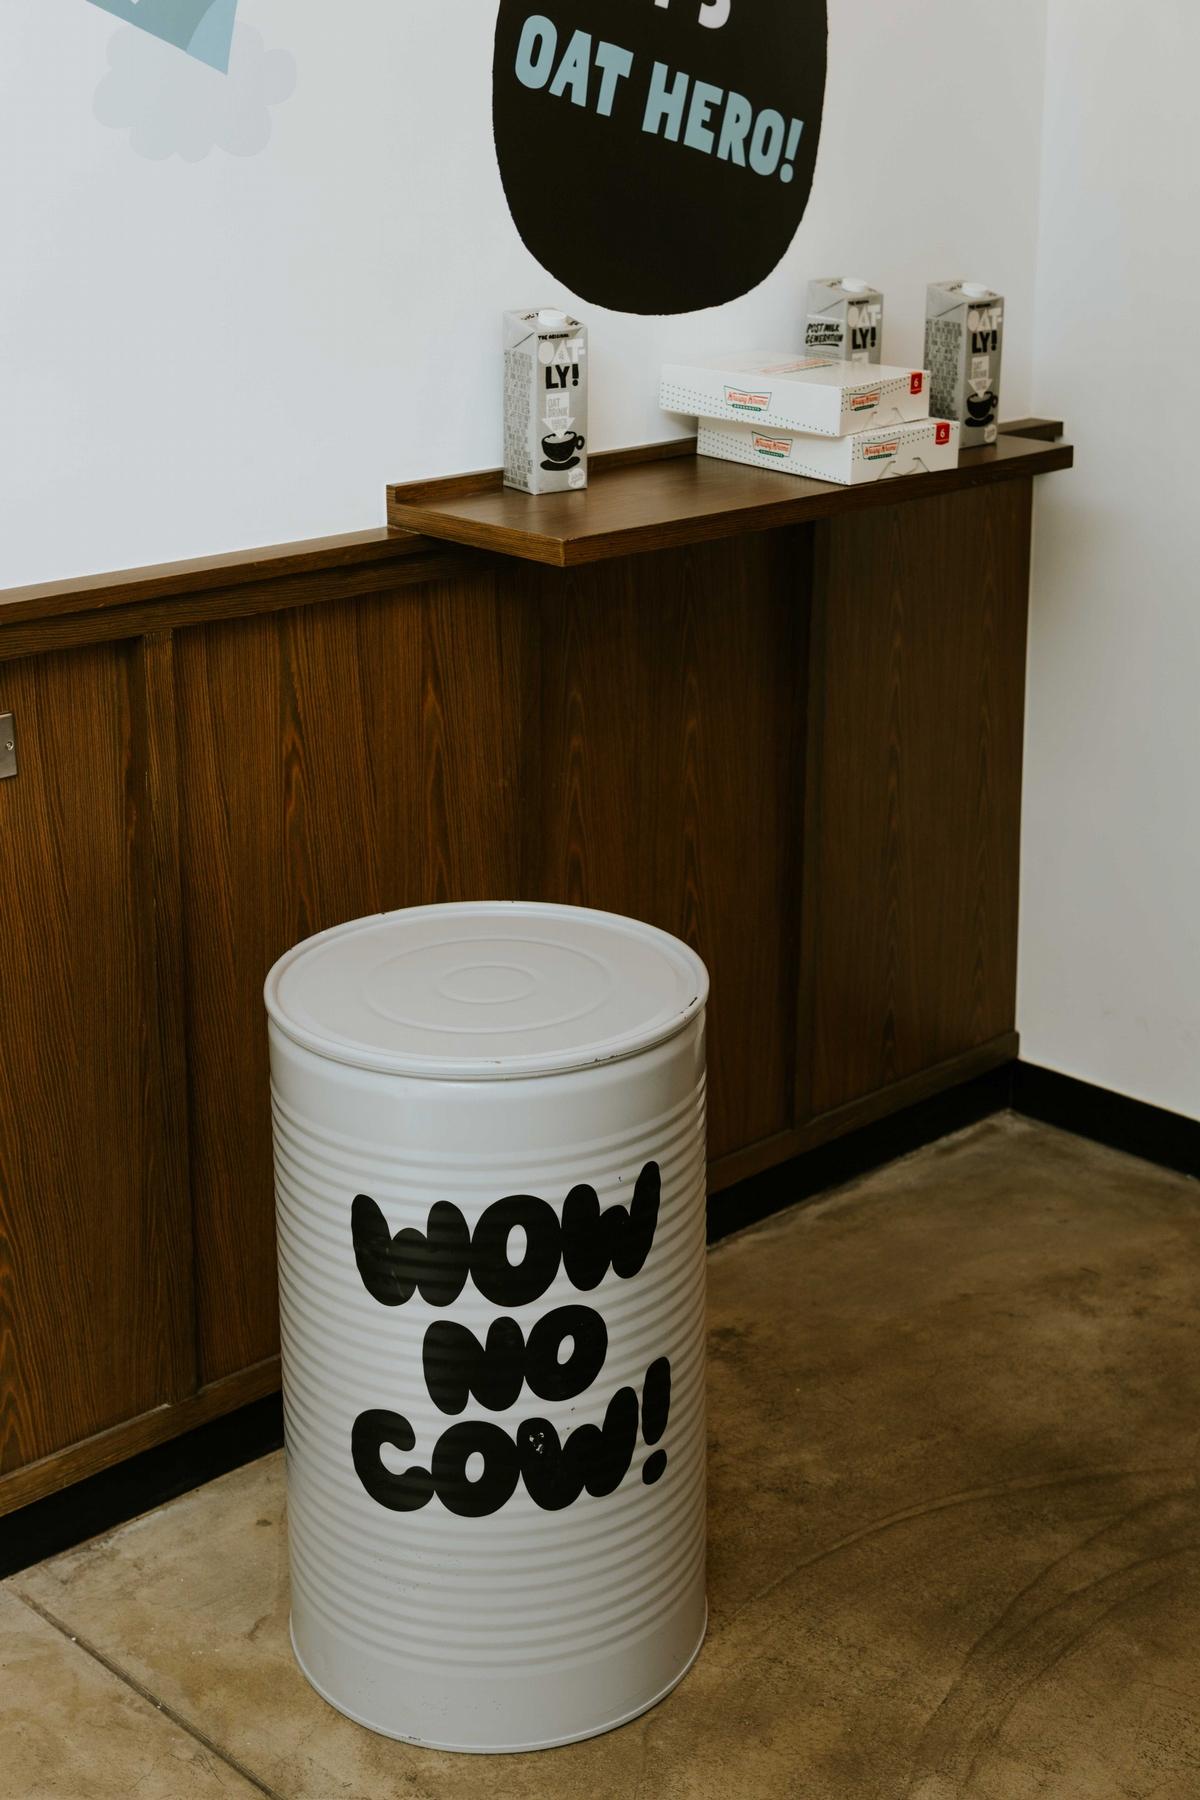 紅遍好萊塢的「OATLY燕麥奶」快閃聯名快搶吃!攜手CAFE!N、Krispy Kreme推出燕麥奶拿鐵、燕麥卡士達甜甜圈